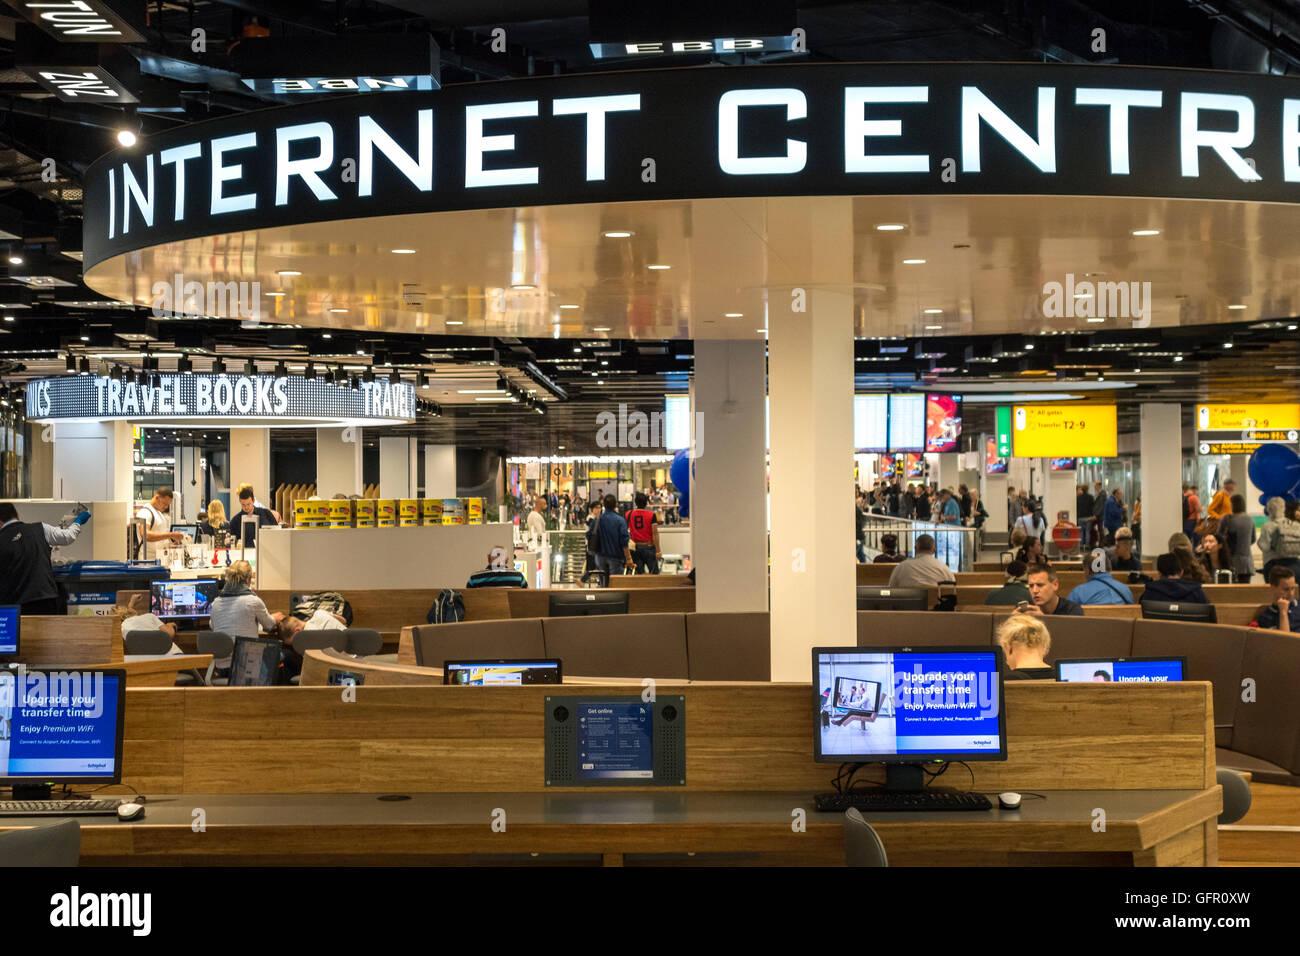 Le centre Internet, Internet Centre en salle d'embarquement à l'aéroport Schiphol Amsterdam 2 Banque D'Images